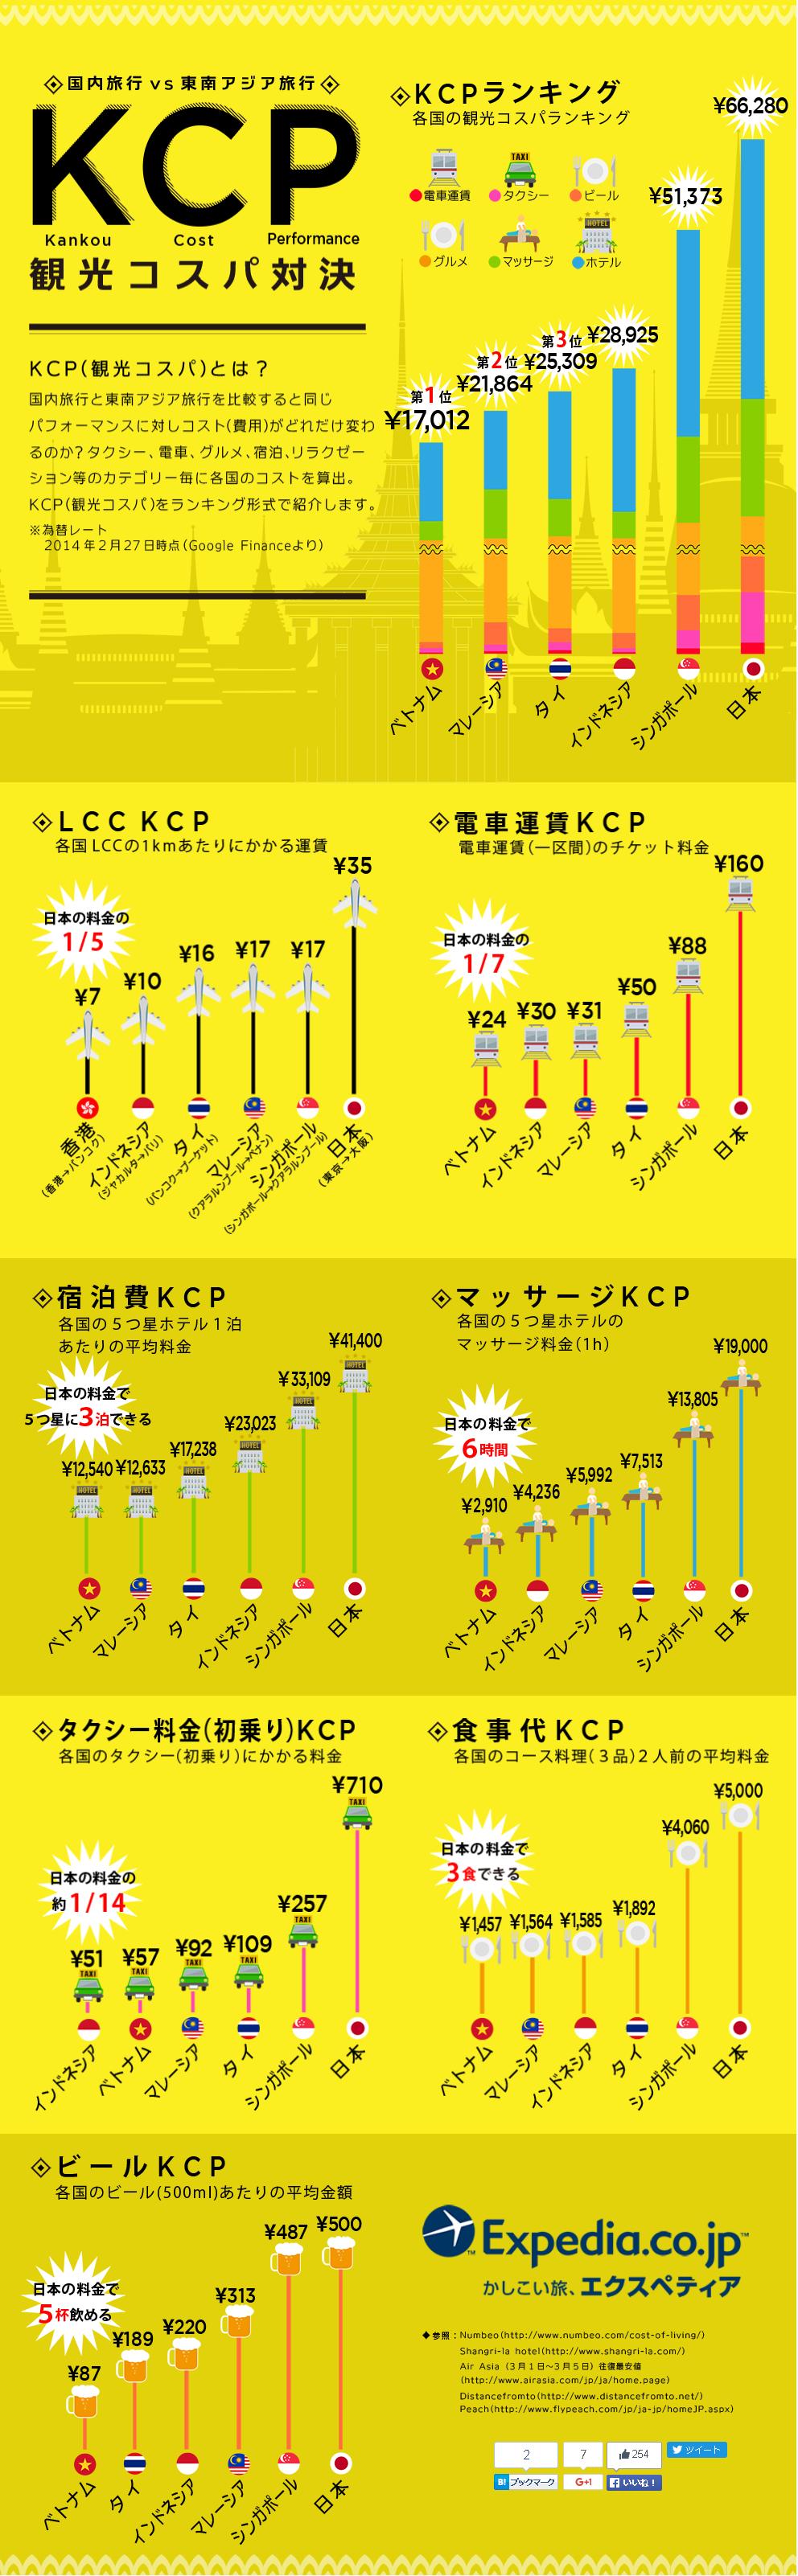 インフォグラフィック:「海外旅行 × コスパ重視」の旅行先は東南アジアで決まり